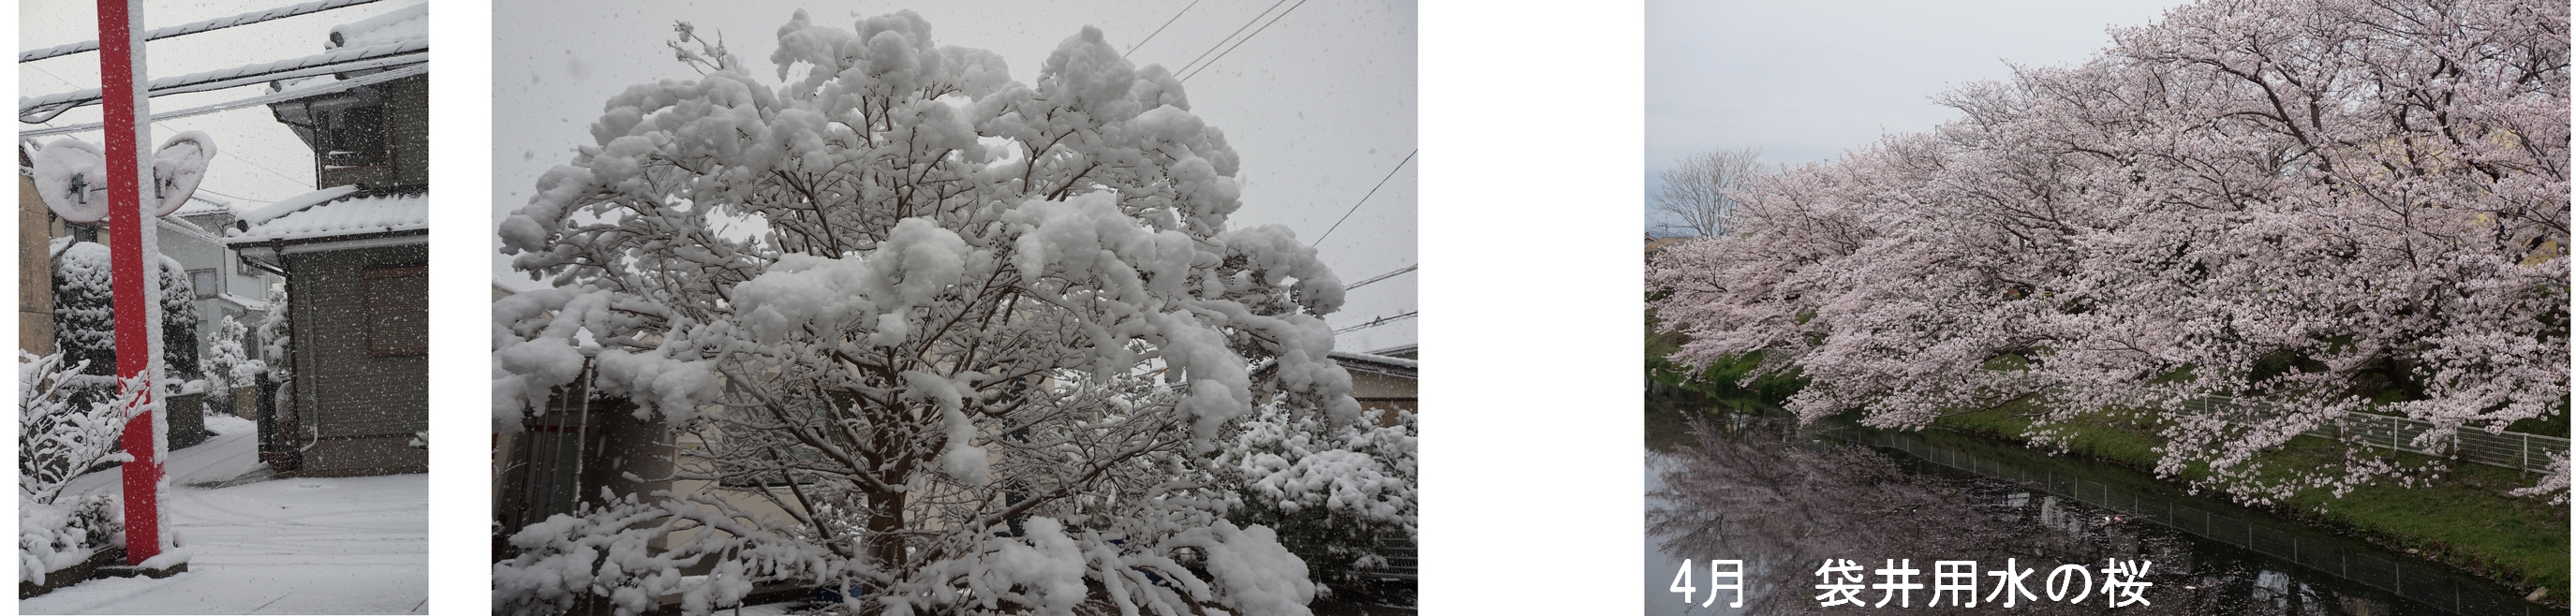 花吹雪01